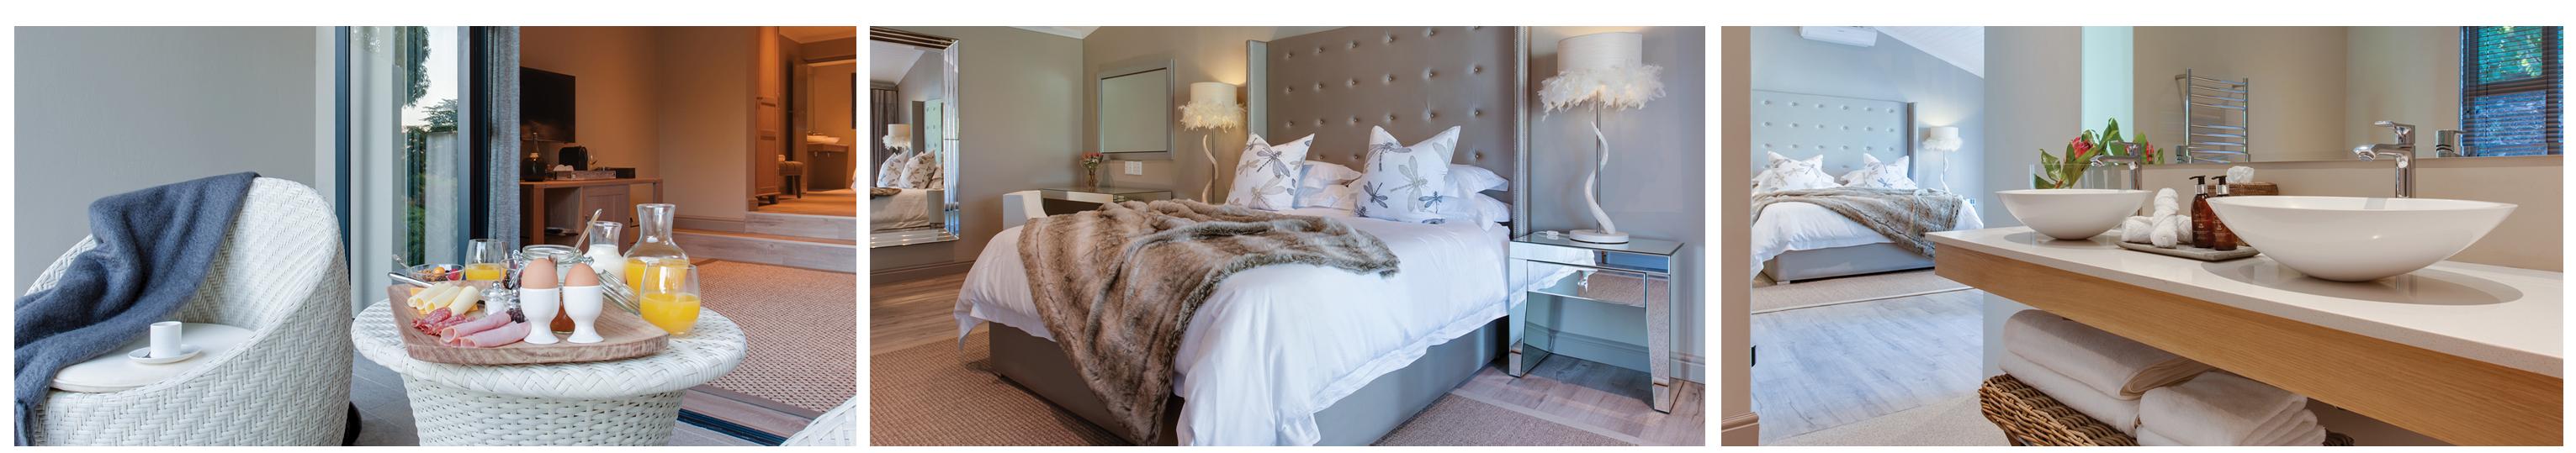 Jordan Luxury Suites